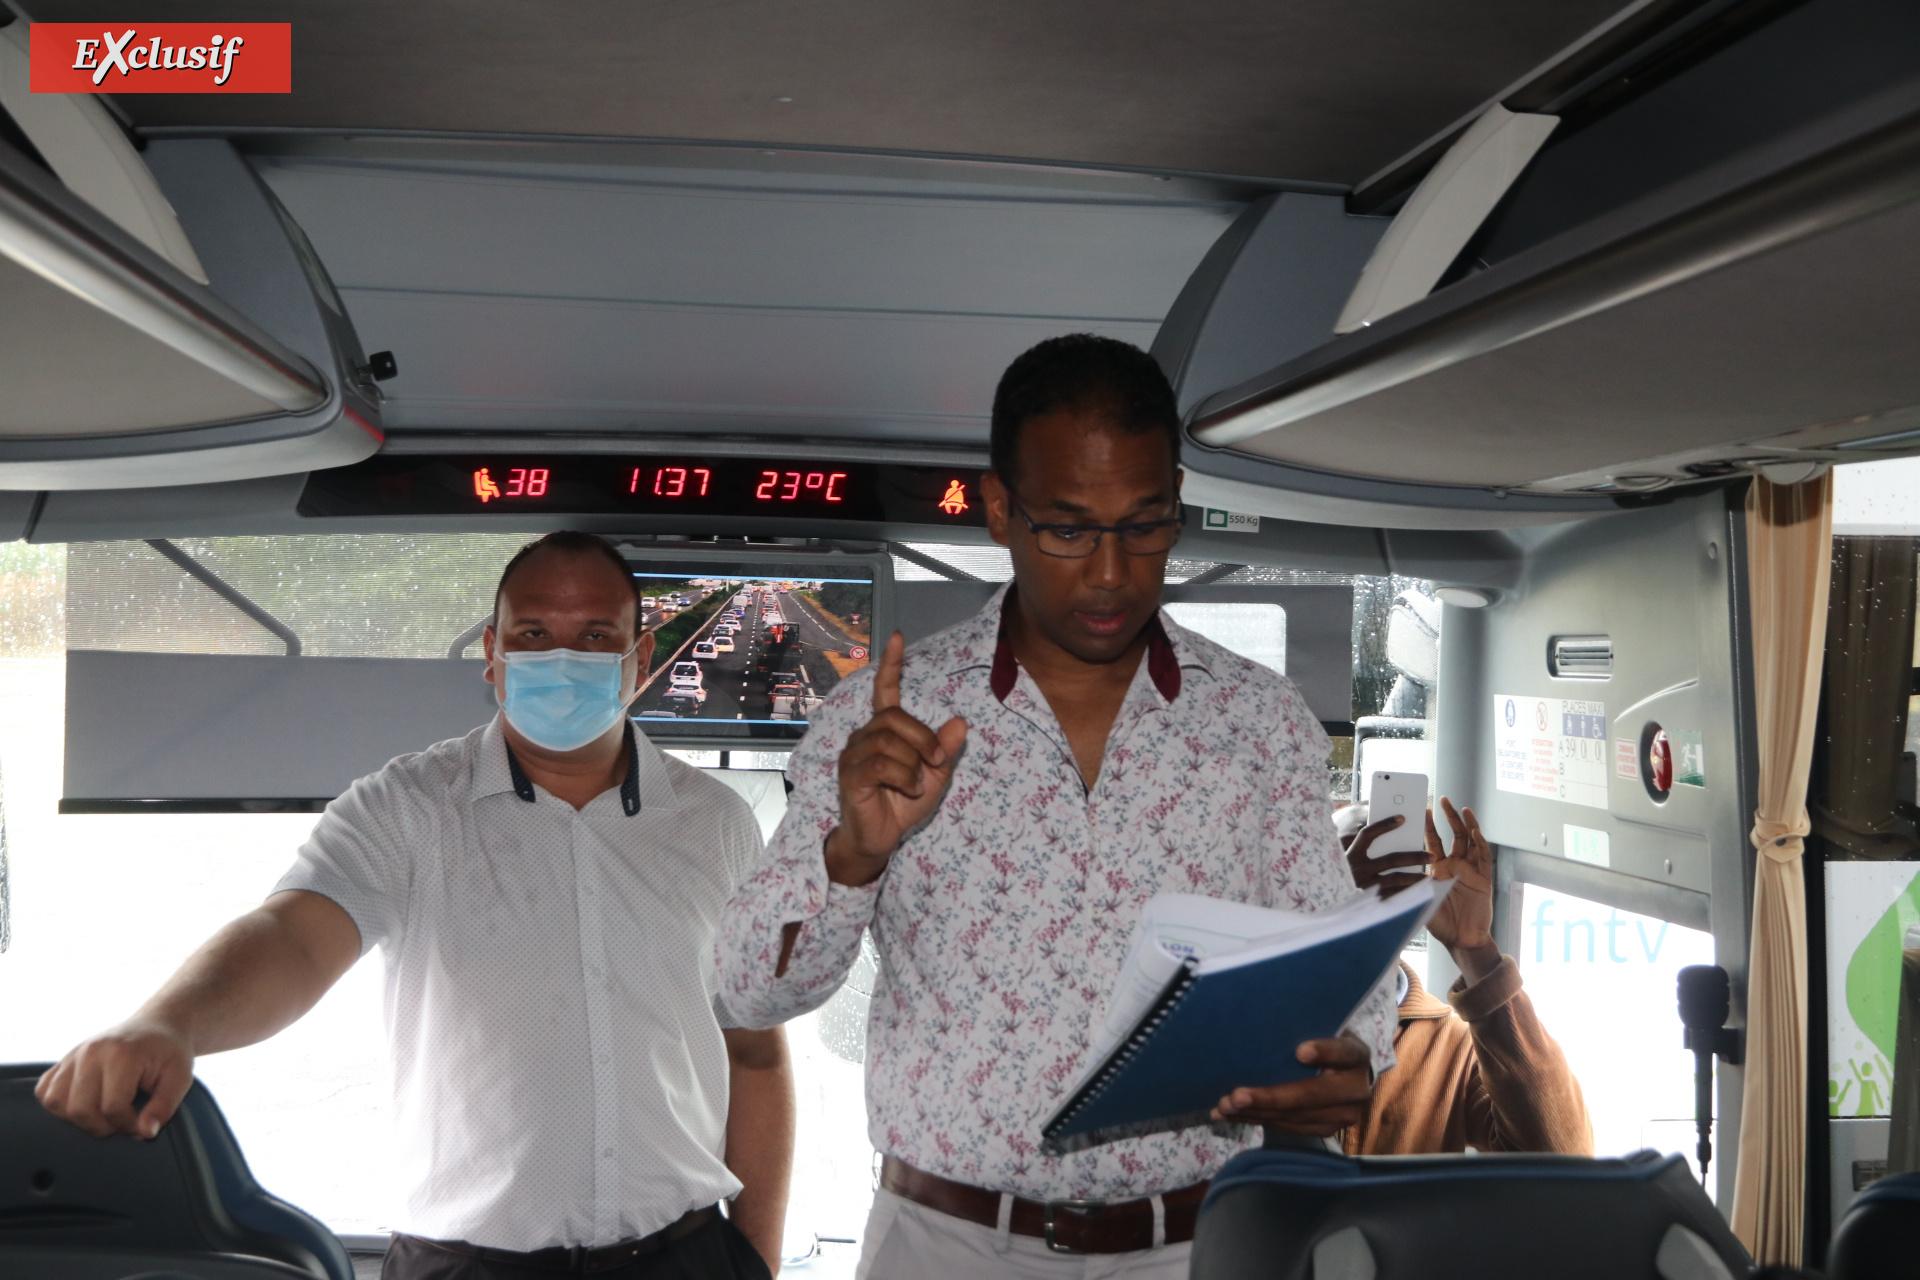 Conférence de presse dans un bus